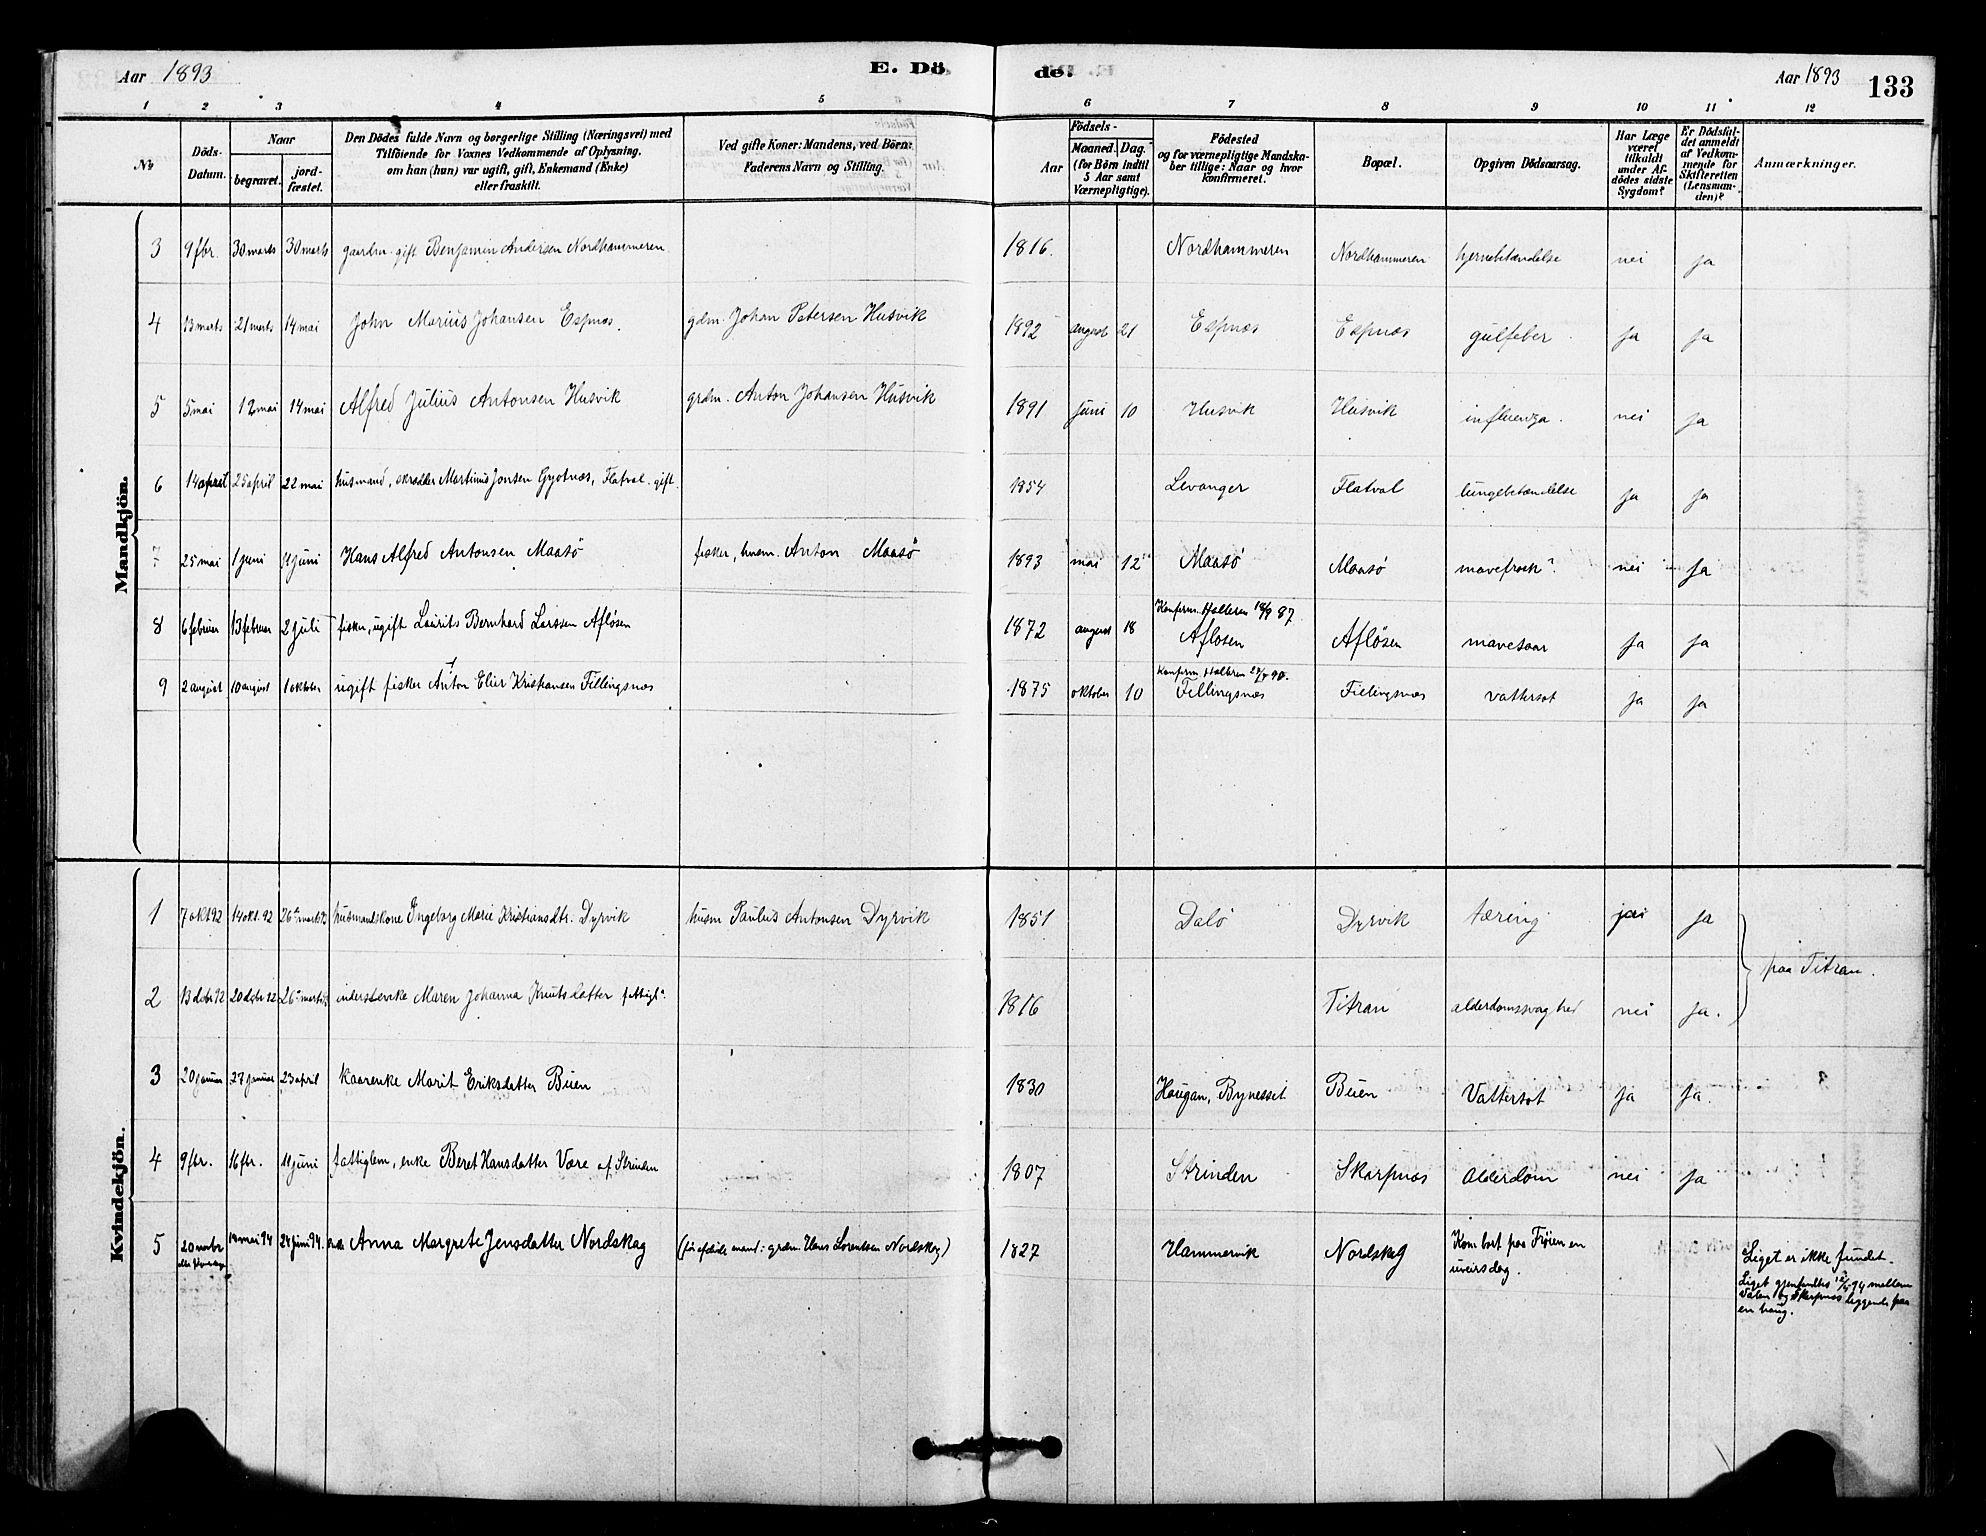 SAT, Ministerialprotokoller, klokkerbøker og fødselsregistre - Sør-Trøndelag, 641/L0595: Ministerialbok nr. 641A01, 1882-1897, s. 133